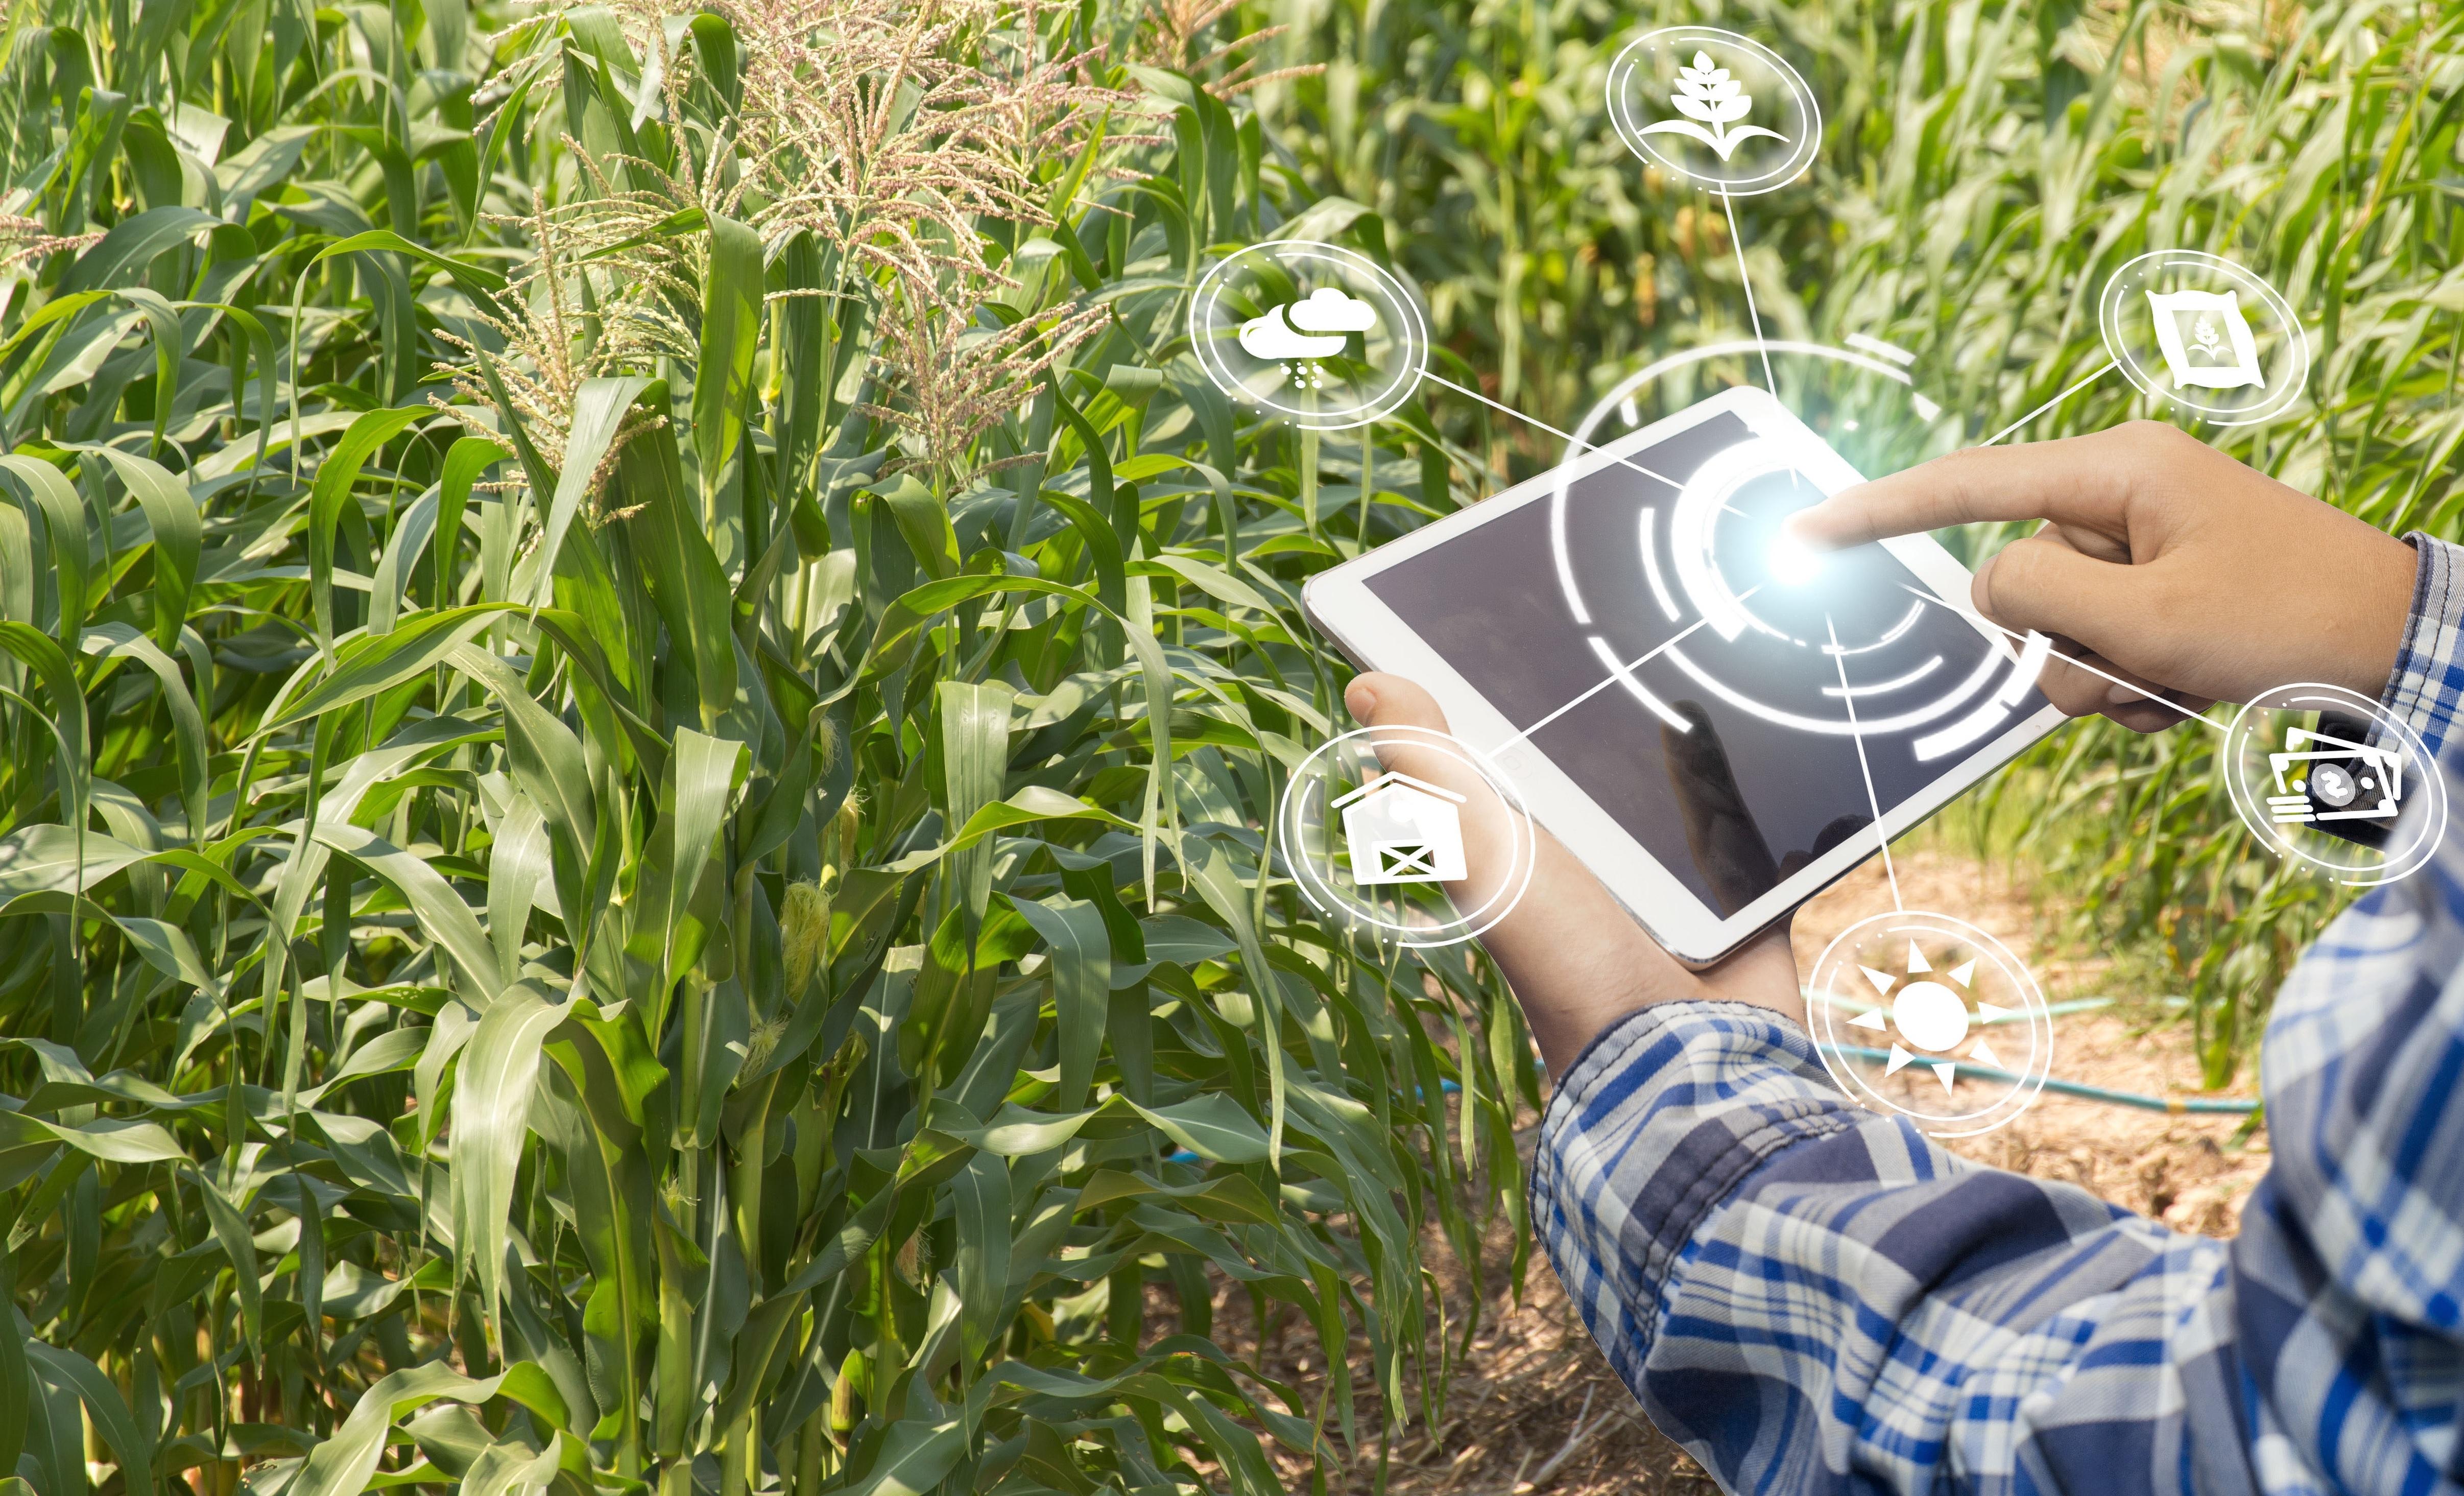 plantação de milho sendo monitorada por programa de agricultura digital